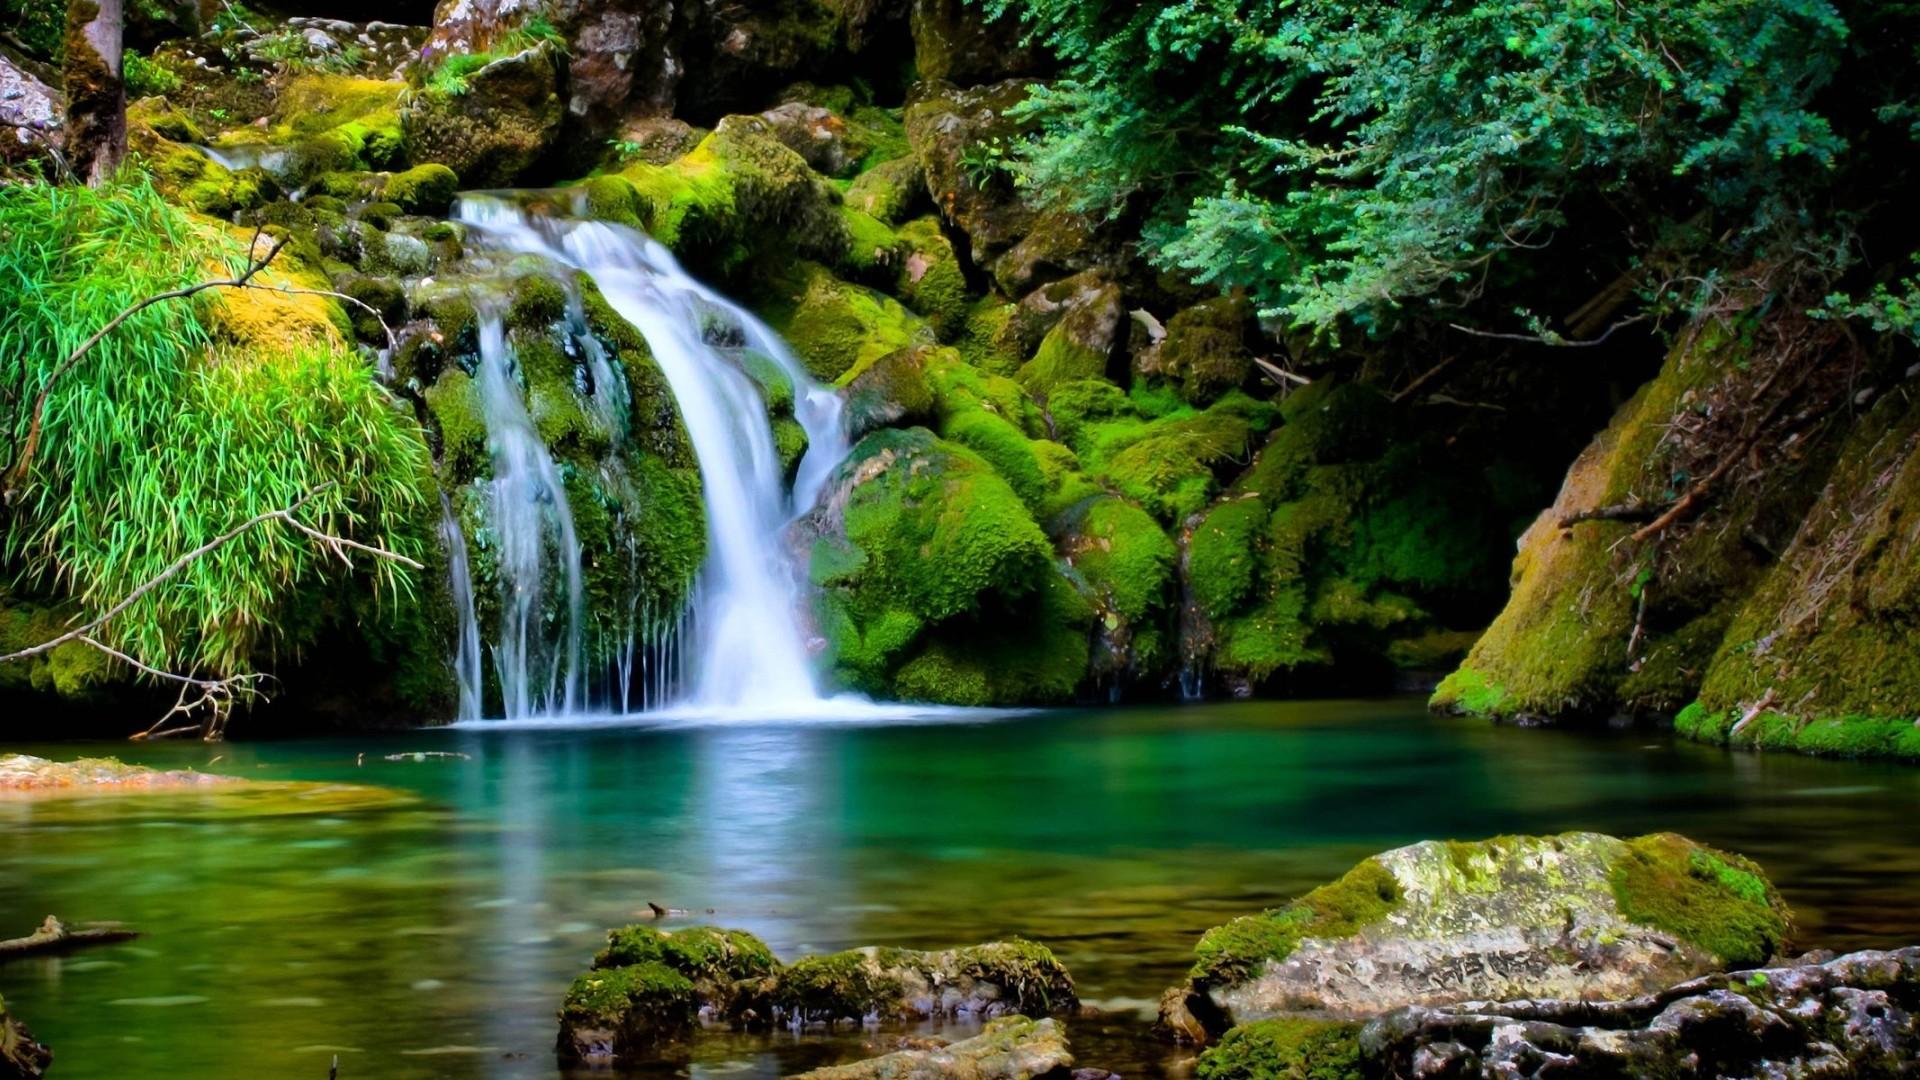 Nature Desktop Background (74+ images)